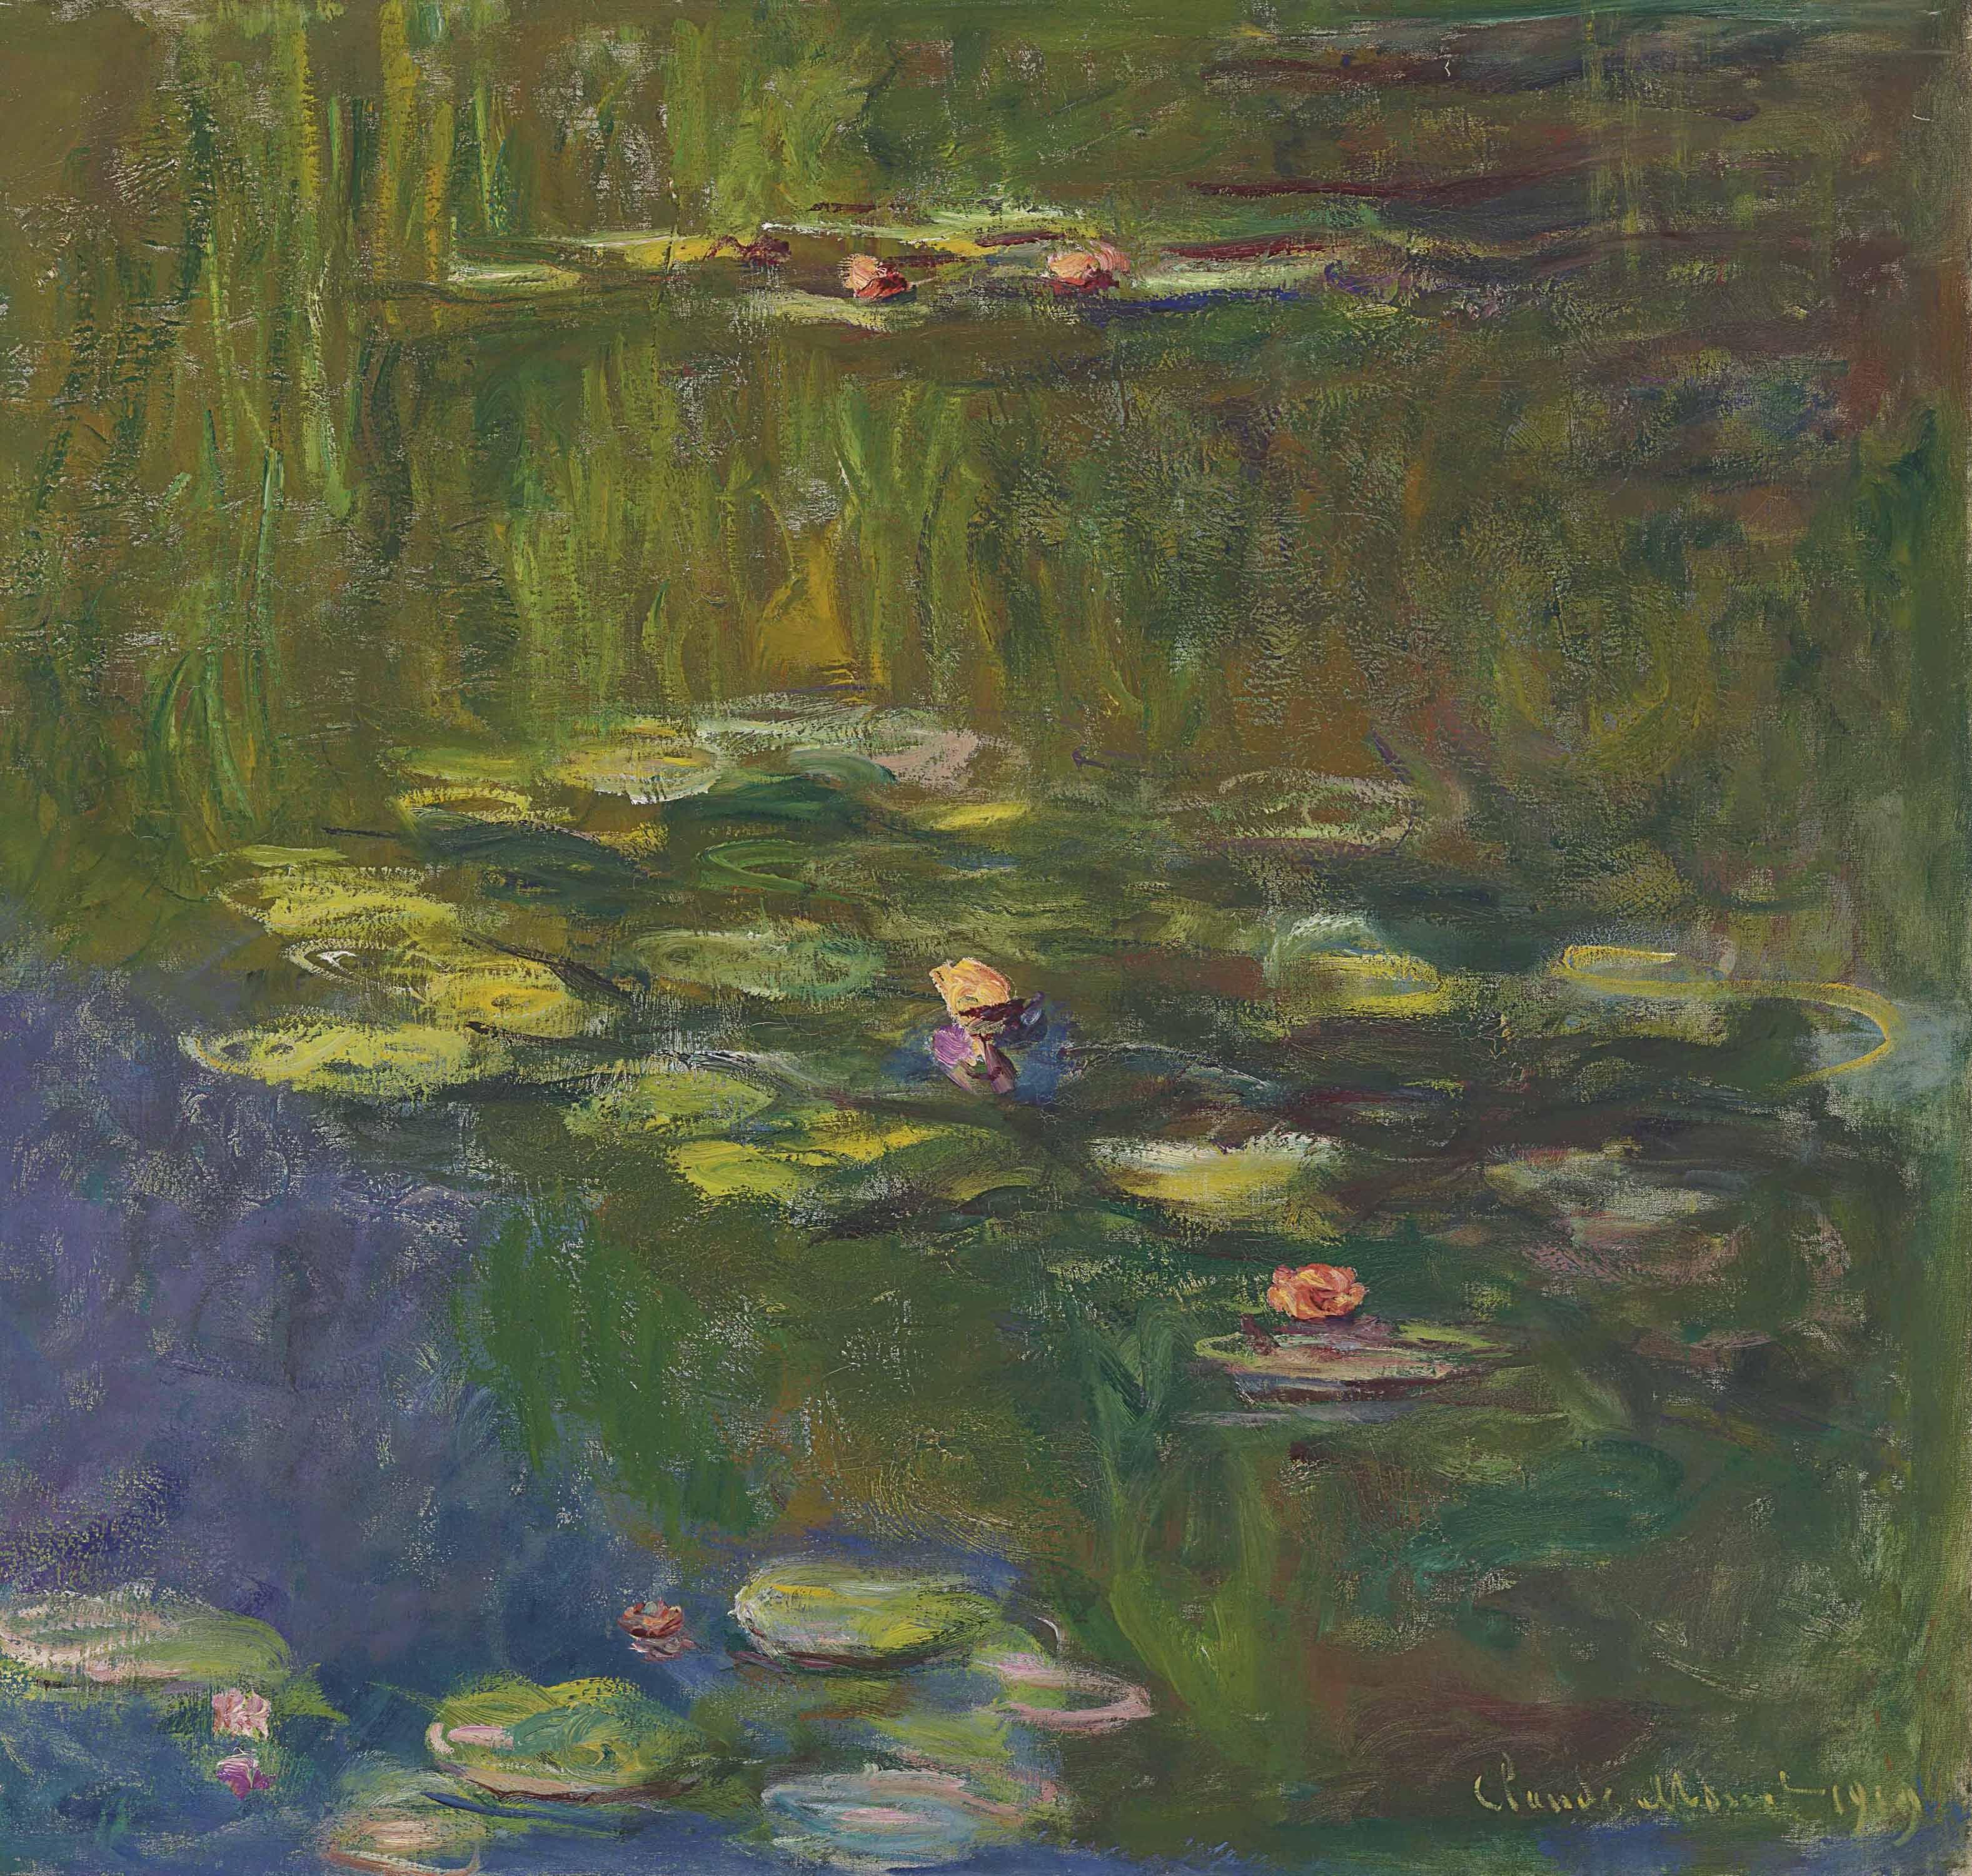 Claude Monet (1840-1926) | Le bassin aux nymphéas | 1910s, Paintings |  Christie's | Art, Impressionist art, Claude monet